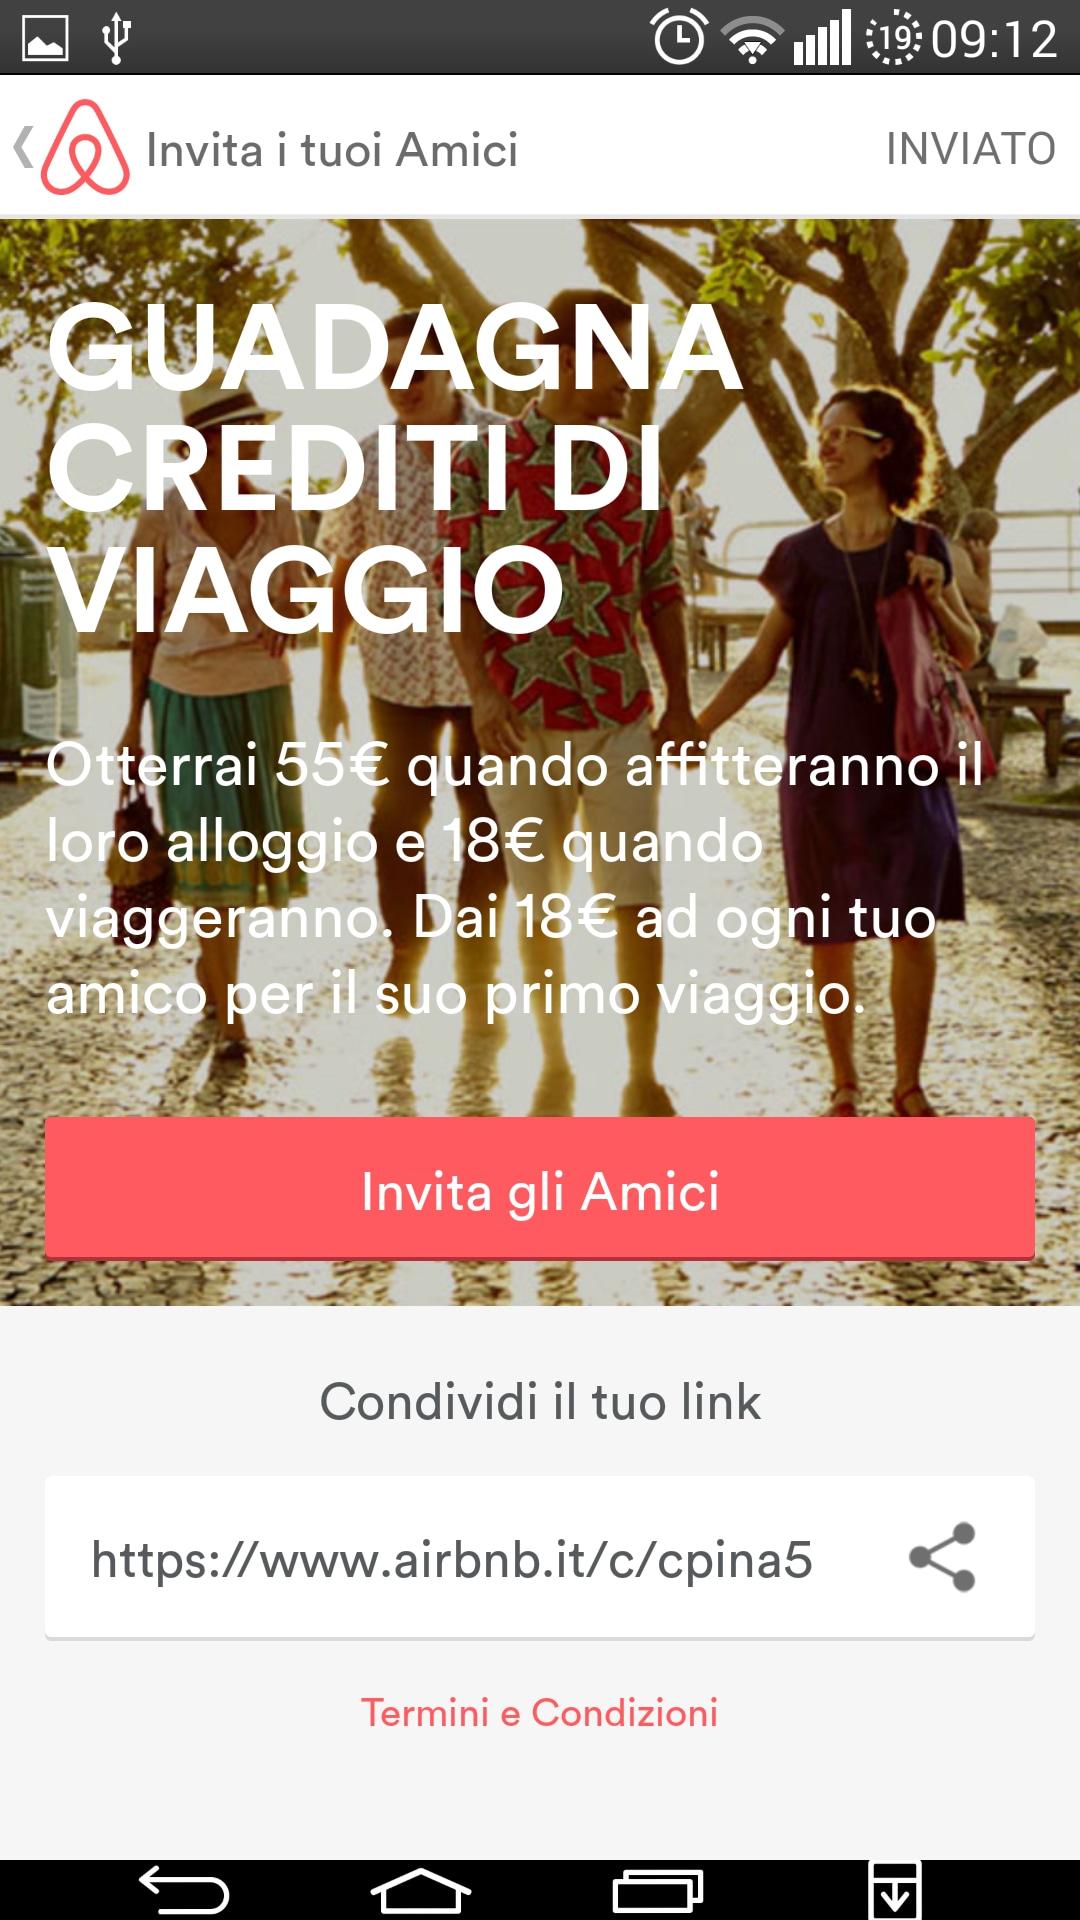 airbnb_applicazione_prenotazione alloggio (17)